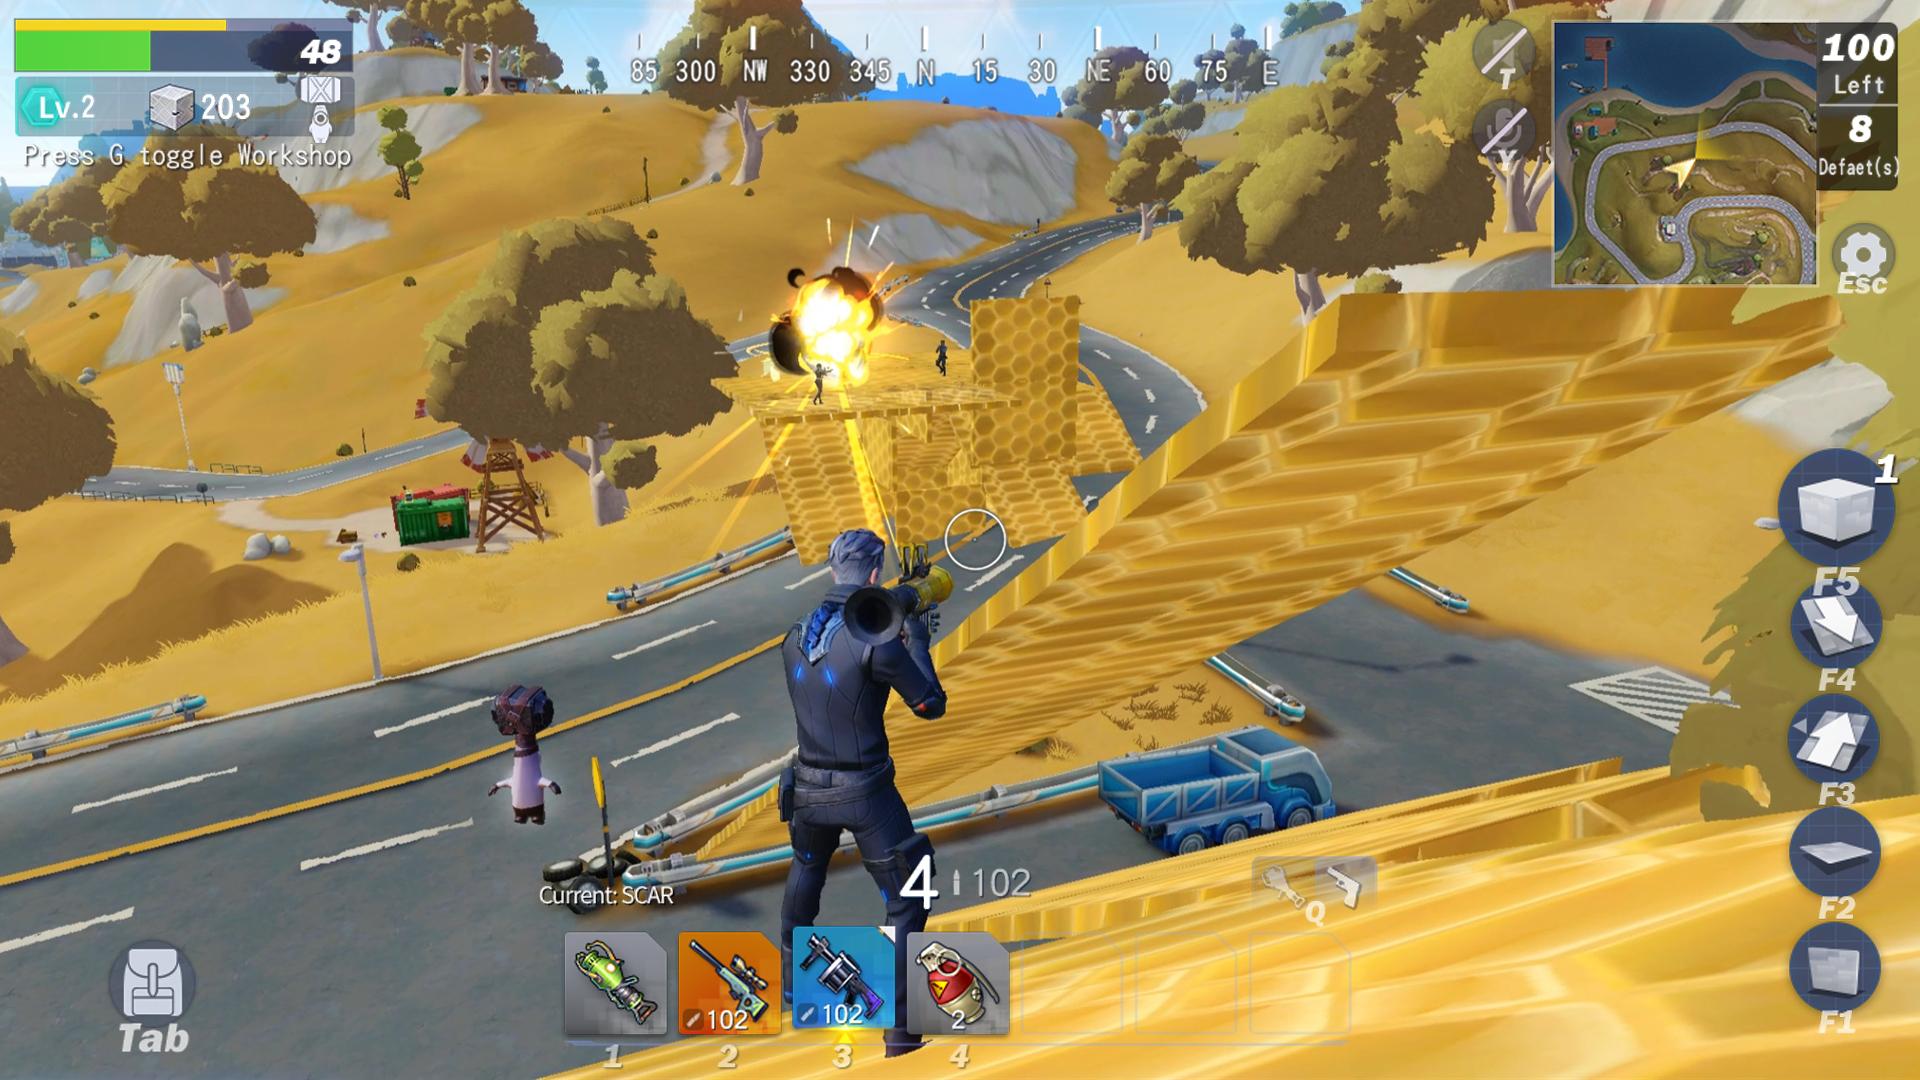 رابط مباشر لـ تحميل لعبة Creative Destruction على الكمبيوتر مجانًا